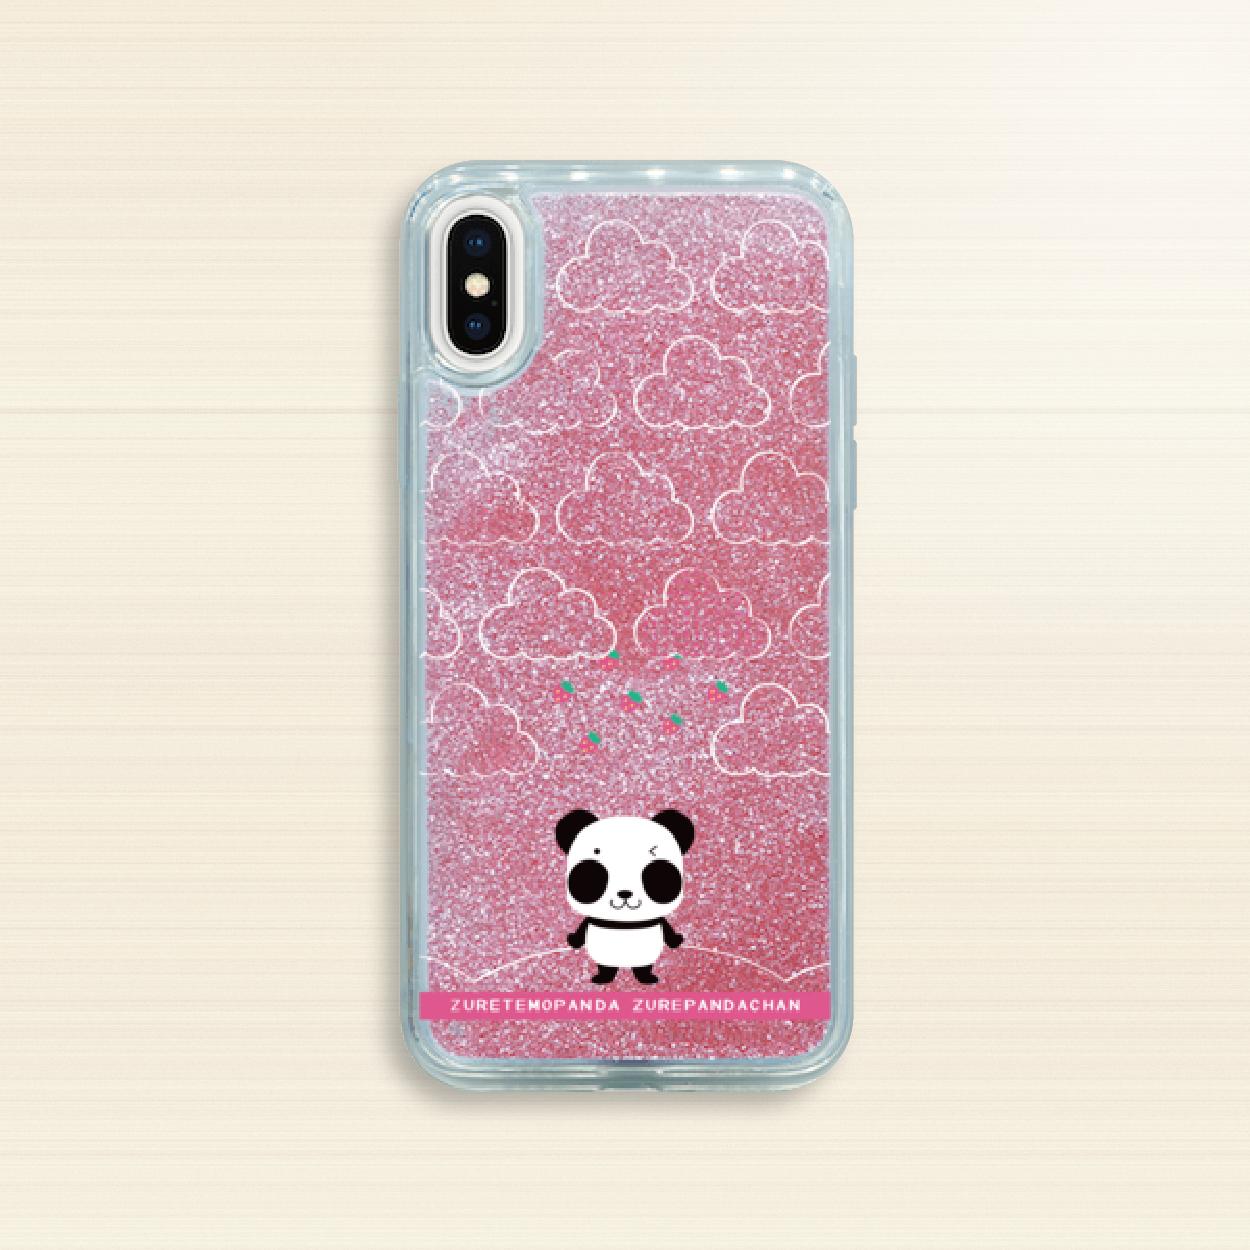 iPhone X/XS/6/6s/7/8*19-01BGRo*ズレぱんだちゃんBグリッターケース*ローズピンク